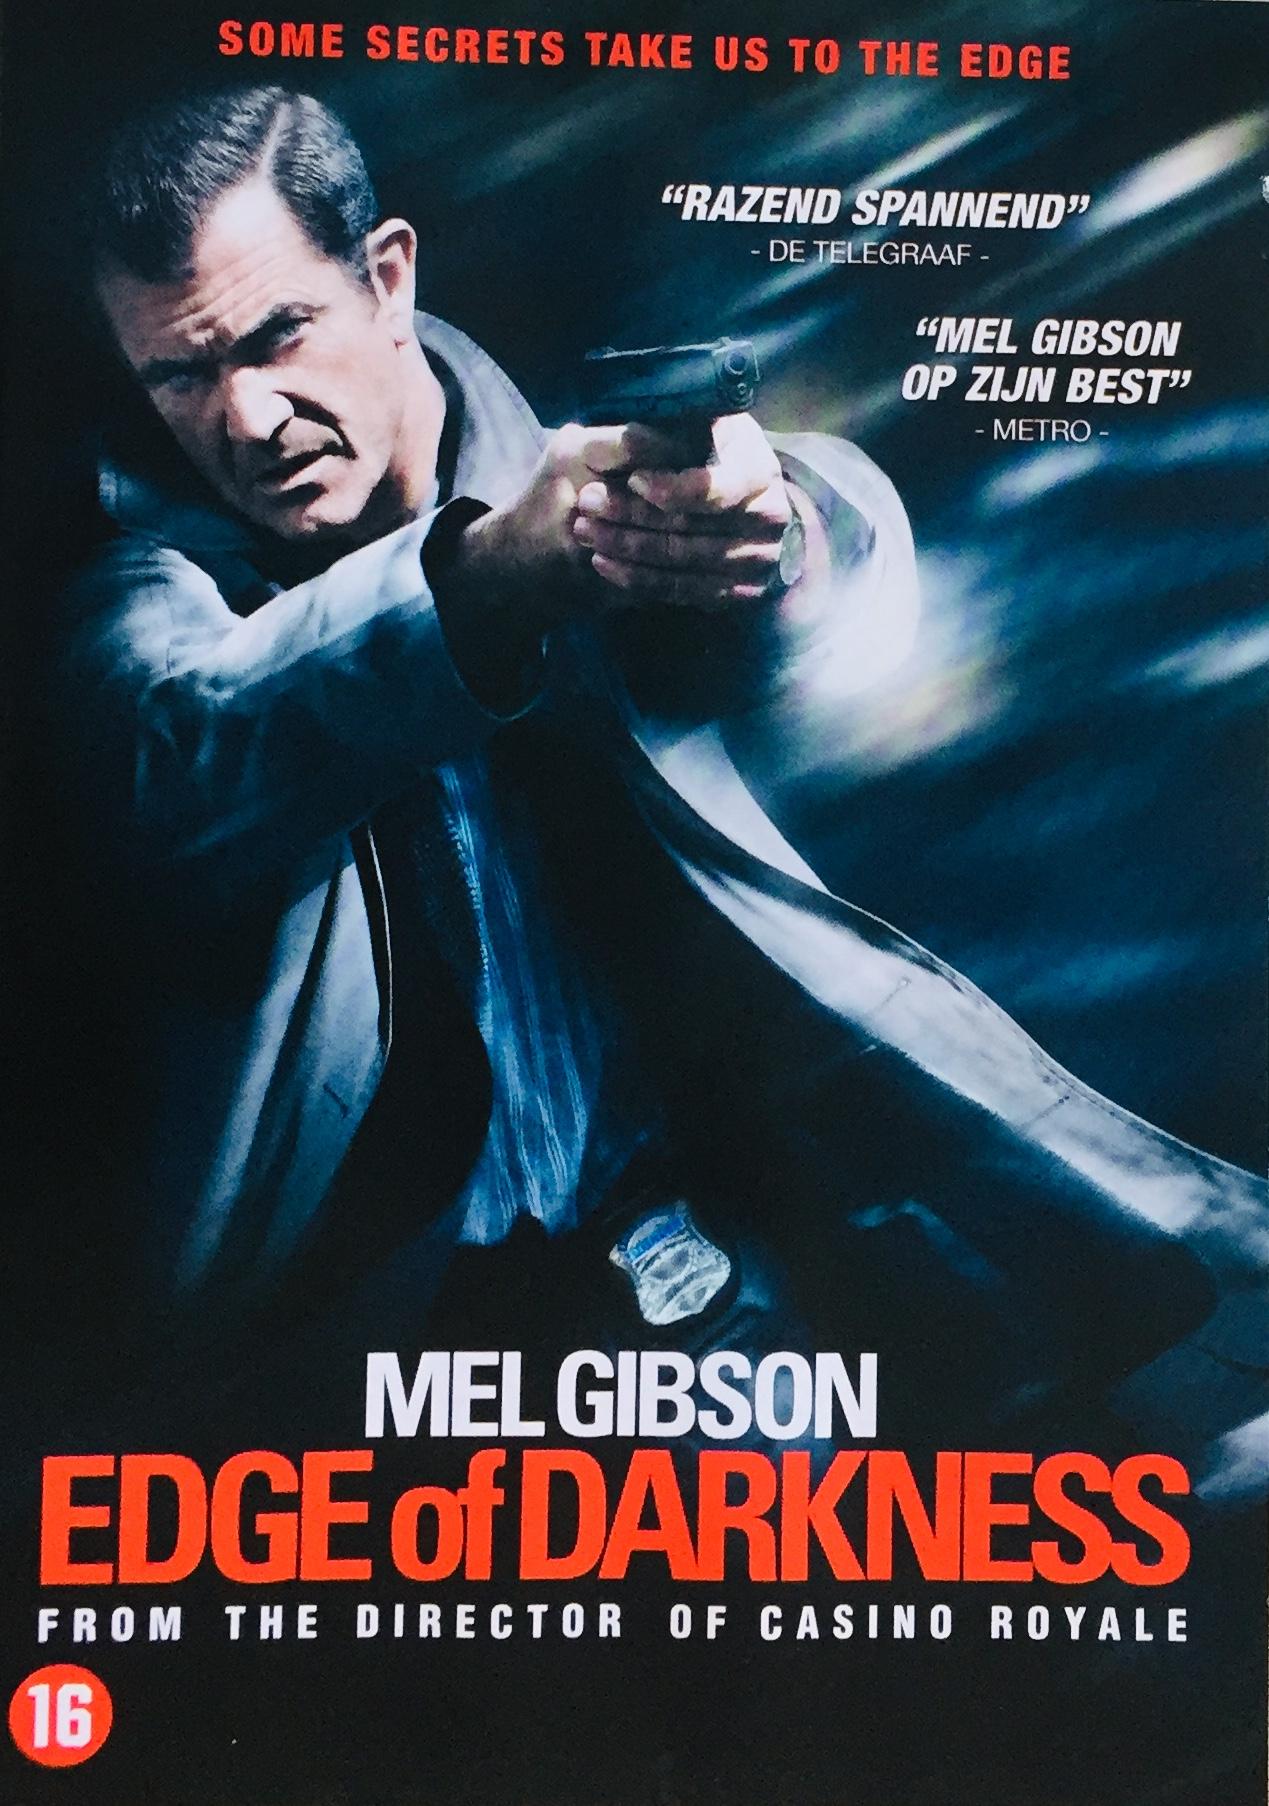 Edge of Darkness / Na hraně temnoty - v originálním znění bez CZ titulků - DVD /plast/